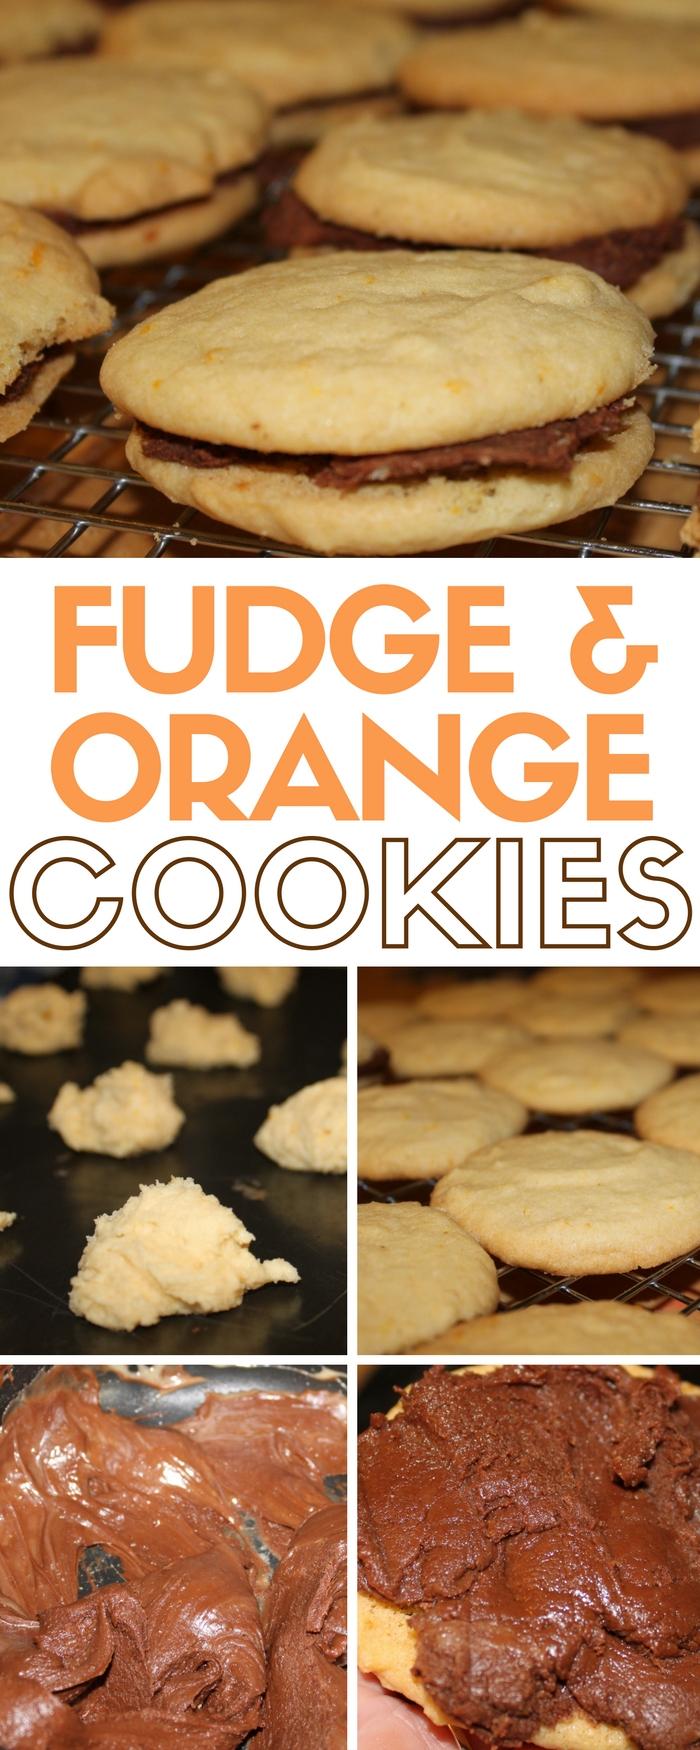 Fudge and Orange Cookies | Fudge Cookies | Homemade | Cookie Recipes | Easy DIY Dessert Recipe Idea